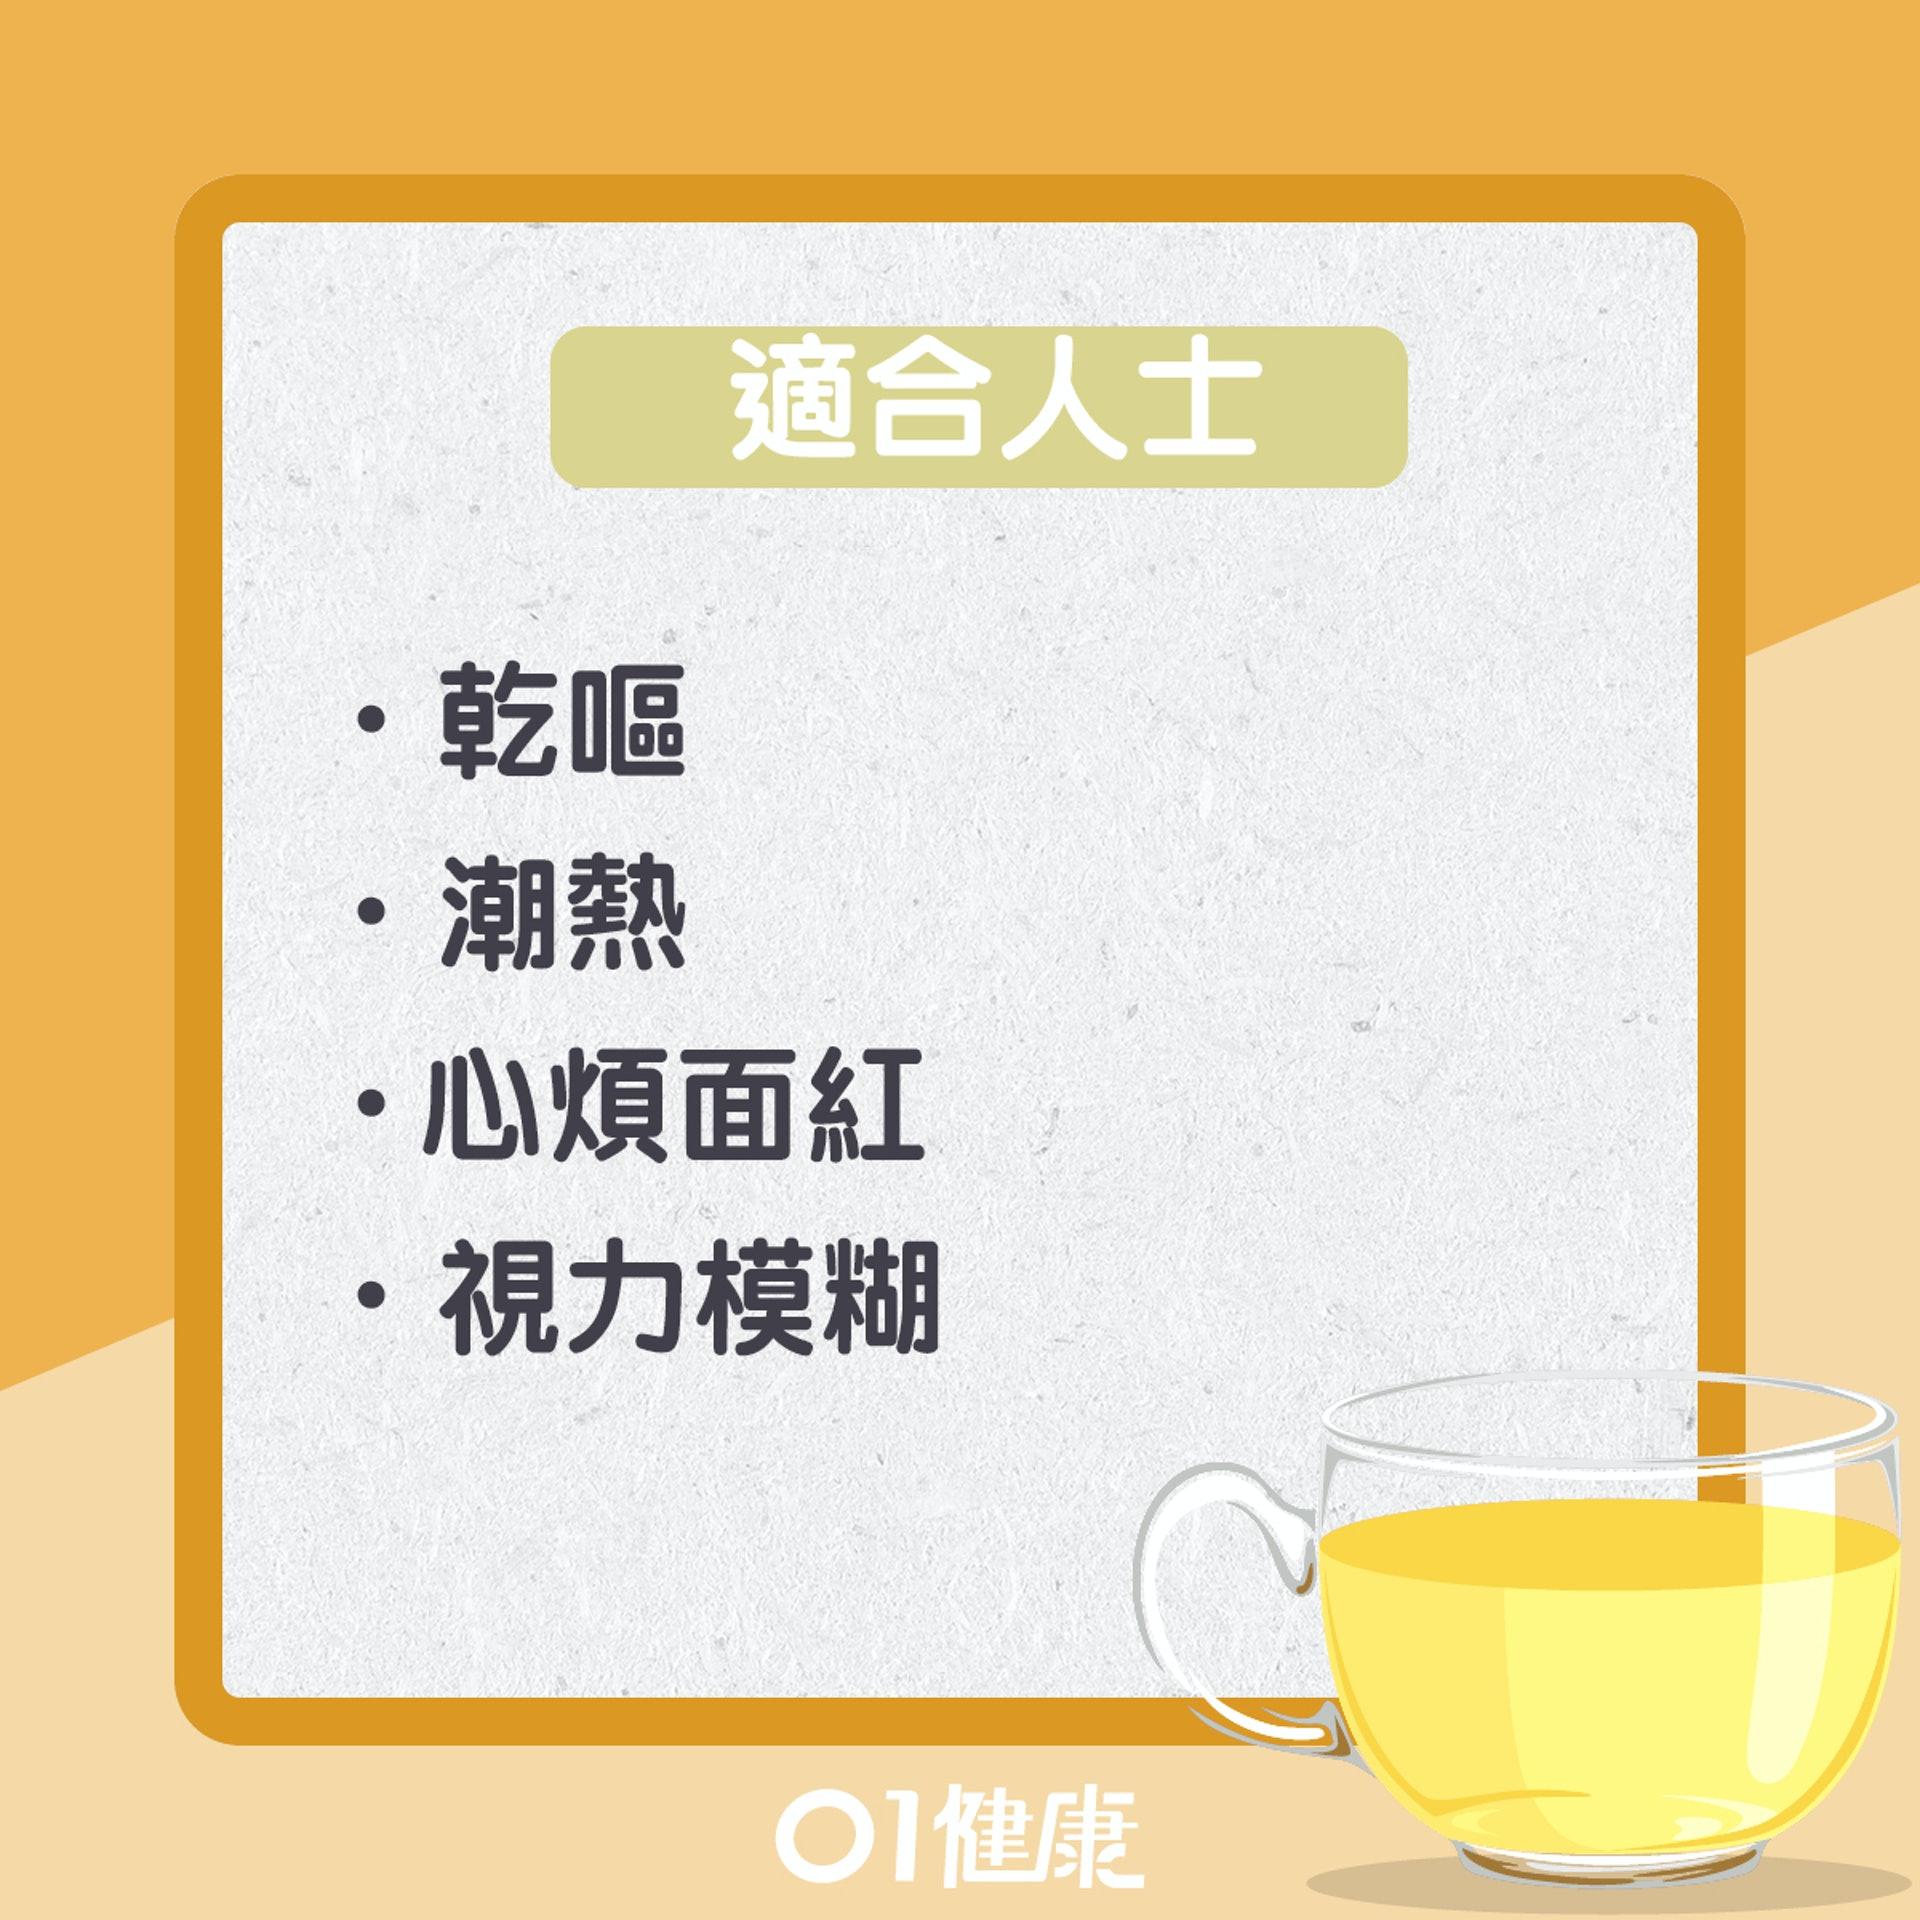 石斛茶知多啲(01製圖)